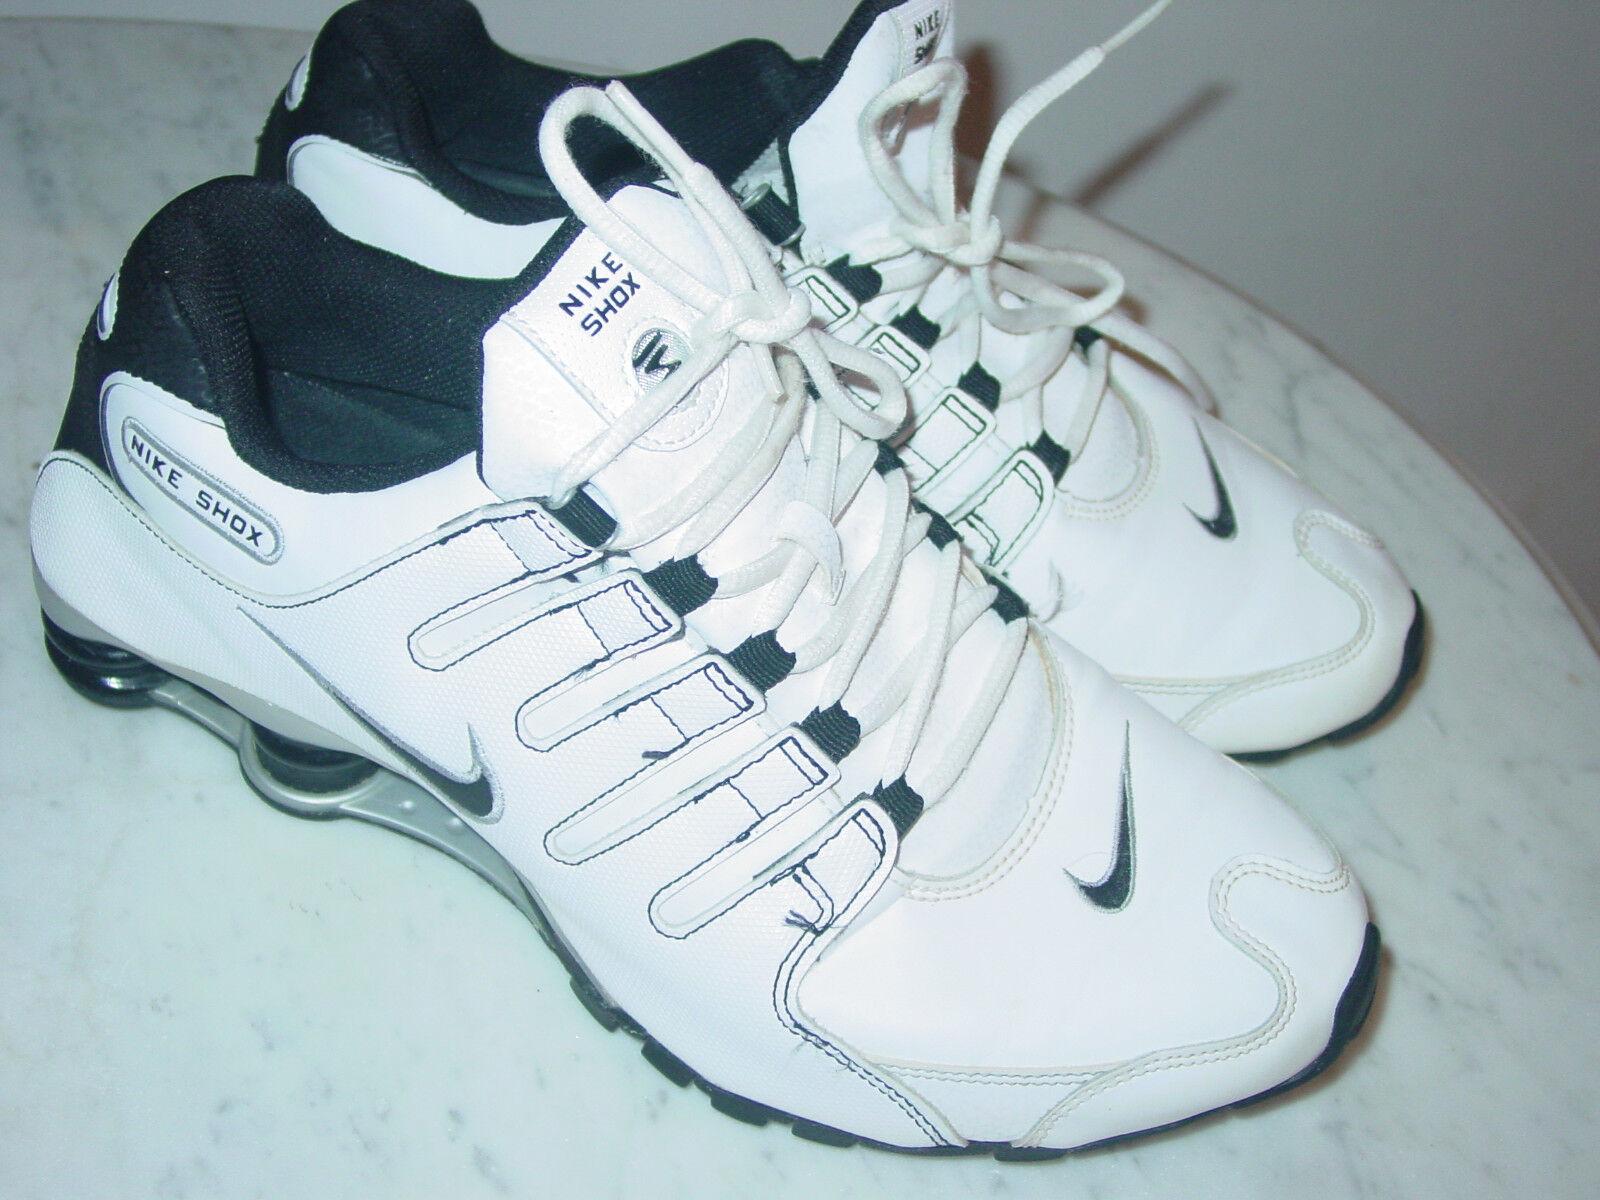 2013 - shox nz bianco / nero / corsa!numero argento metallico scarpe da corsa!numero / 11 160.00 3482b2